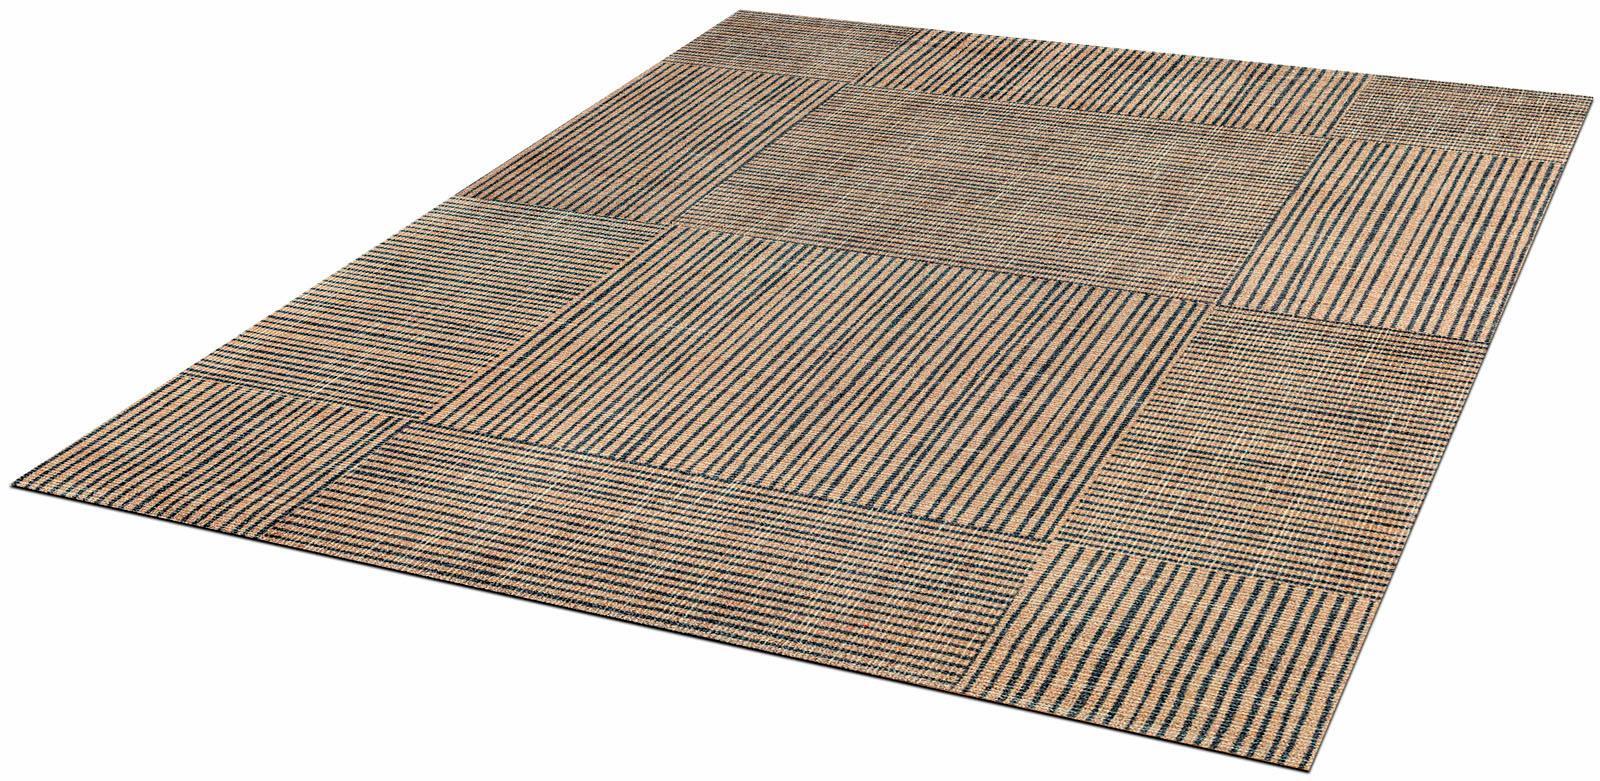 Teppich Canvas wash+dry by Kleen-Tex rechteckig Höhe 9 mm gedruckt